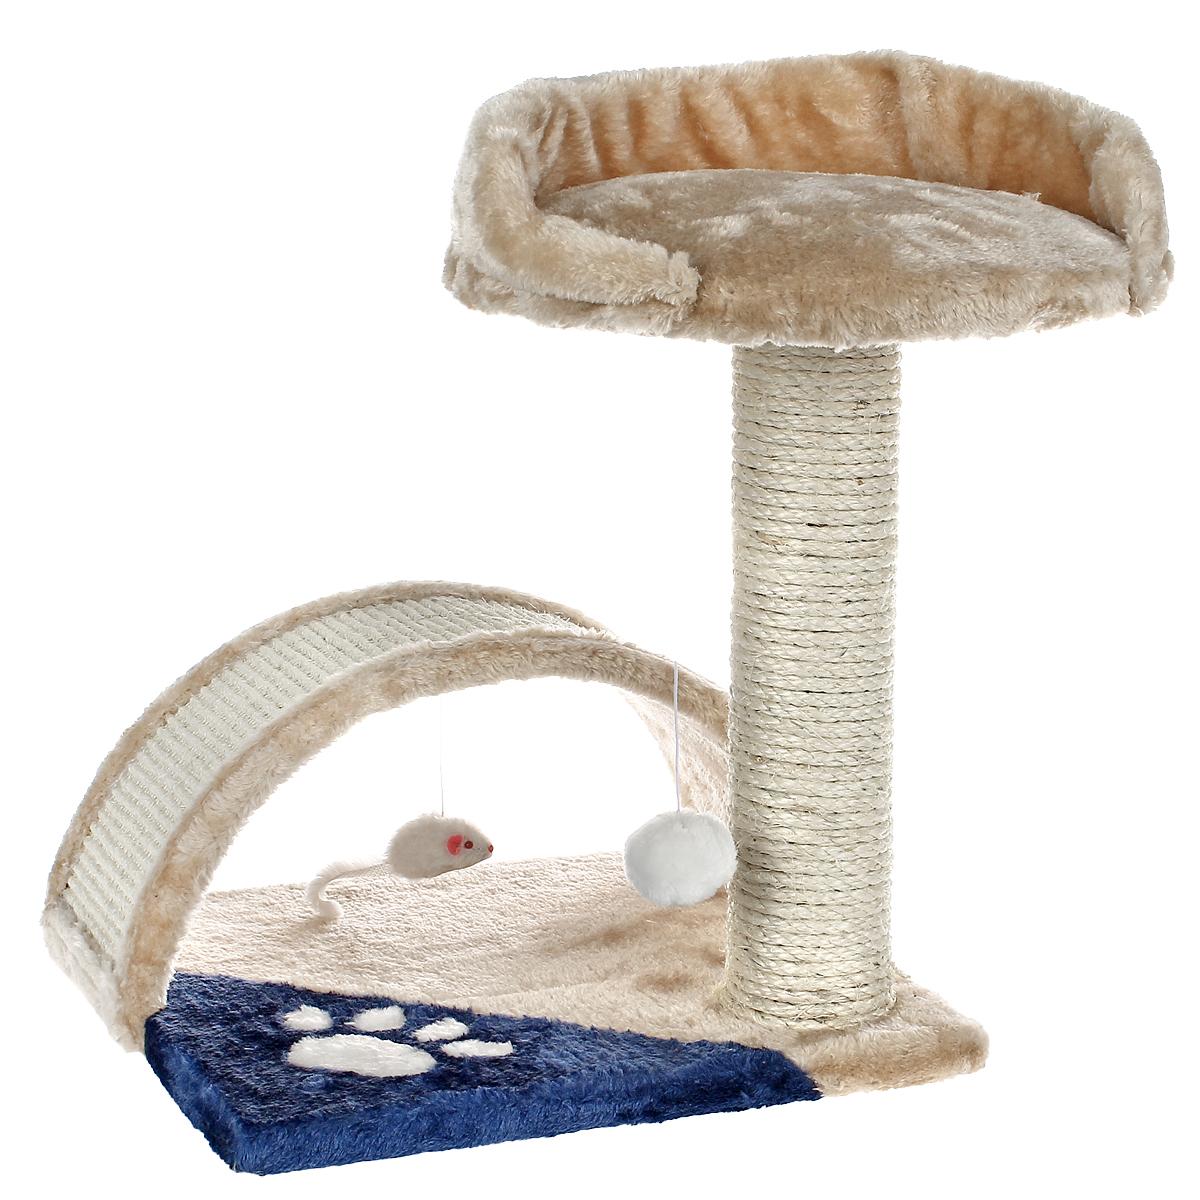 Когтеточка I.P.T.S., цвет: бежевый, голубой, 35 см х 35 см х 42 см12171996Когтеточка I.P.T.S. выполнена из высококачественного ДСП, обтянута мягким плюшем и предназначена для активных кошек. Когтеточка выполнена в виде столбика и мостика и состоит из двух уровней. Столбик обтянут сизалем, натуральным прочным материалом. Он поможет приучить кошку точить коготки в строго определенном месте. Целый дом будет в распоряжении у вашей кошки. Разные уровни высоты, когтеточка, место для отдыха в игровом комплексе позволят кошке резвится и точить коготки, а игрушки, прикрепленные к когтеточкам развлекут кошку.